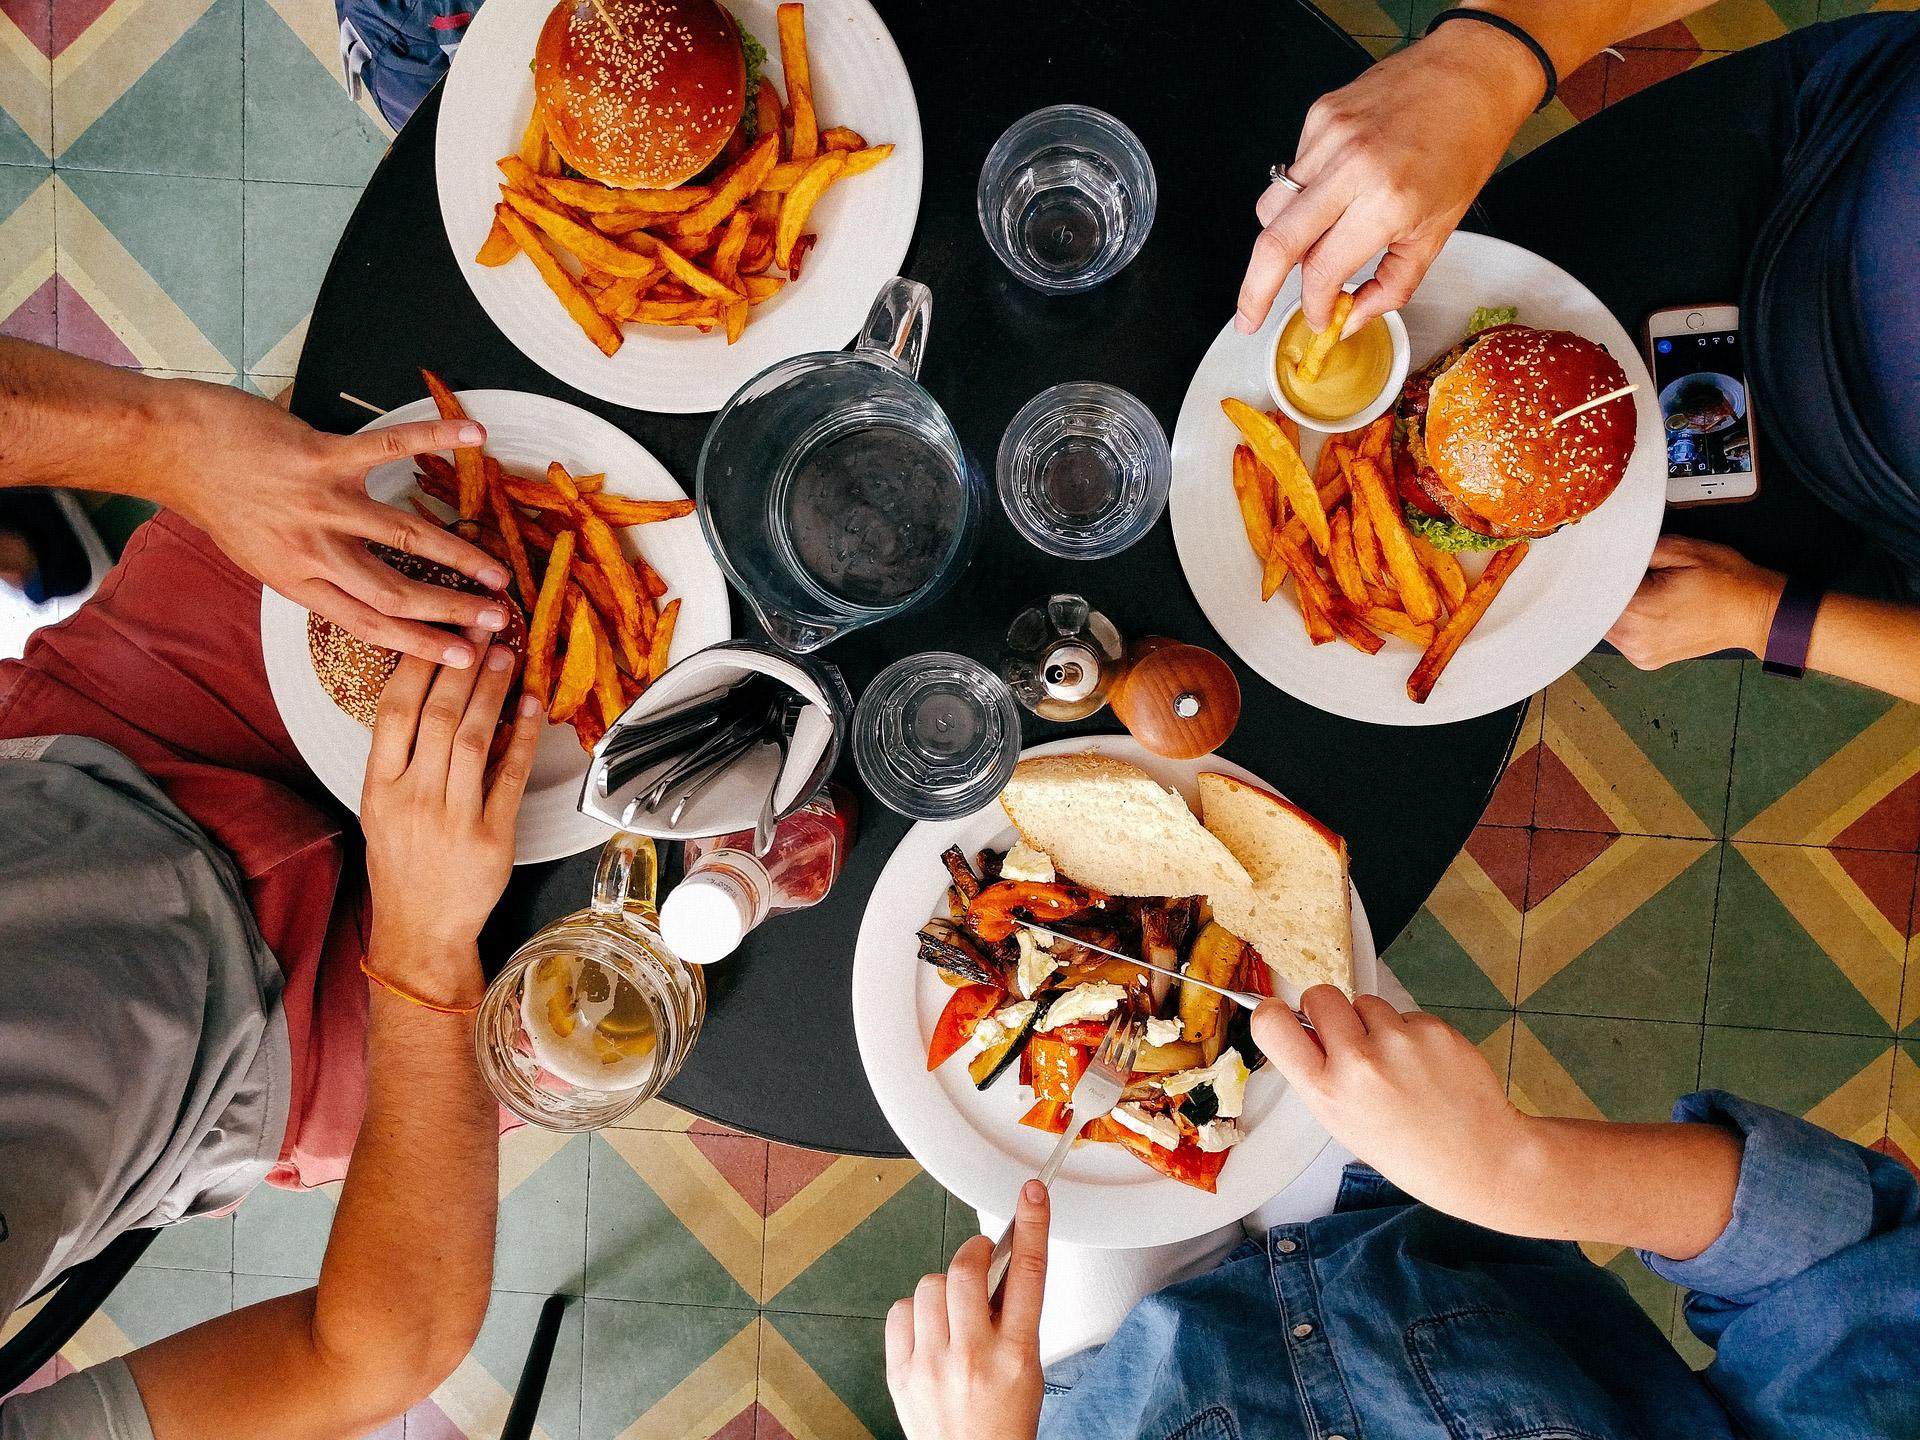 ¿La comida chatarra puede causarte depresión?